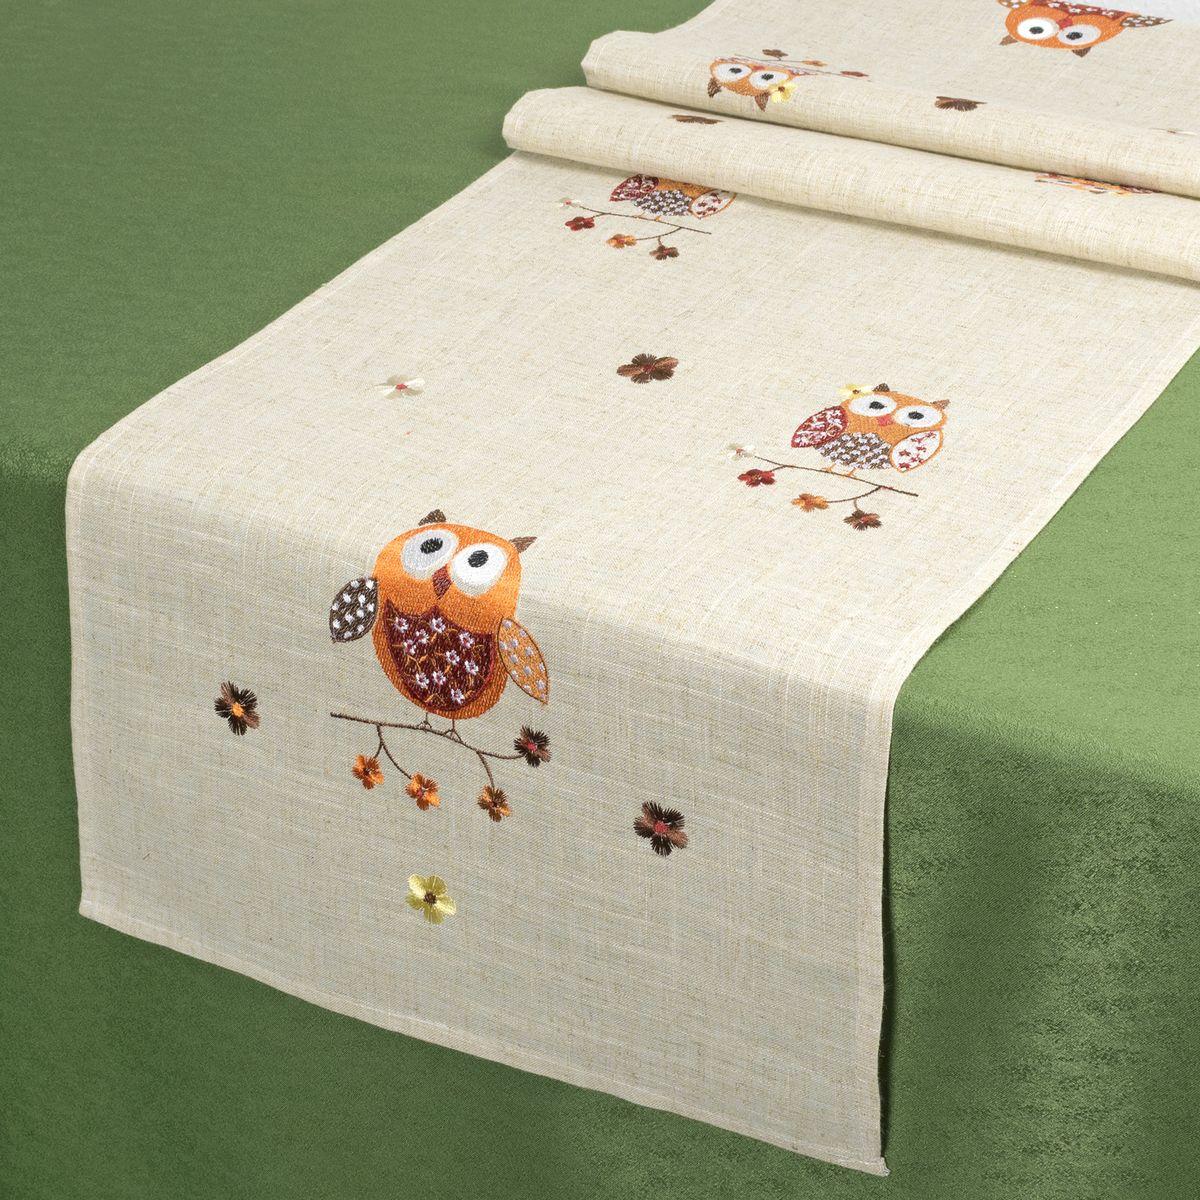 Дорожка для декорирования стола Schaefer, 40 х 140 см. 07798-211